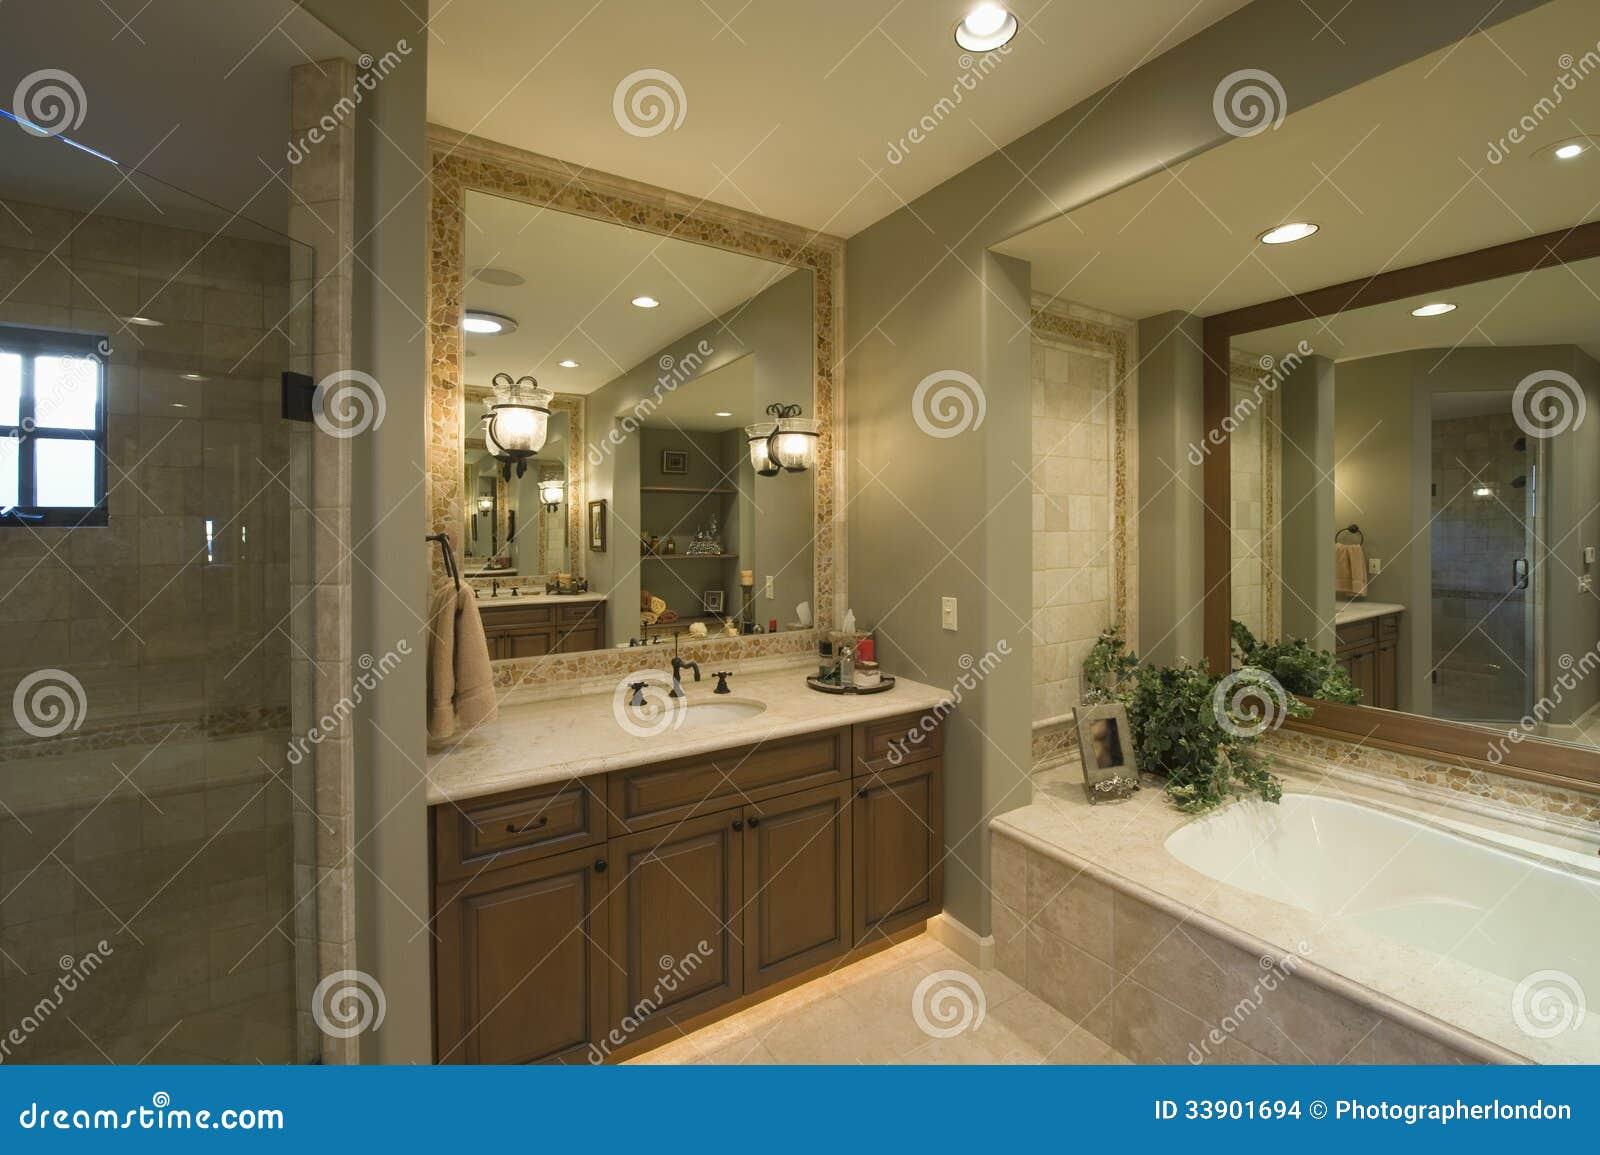 vierkant vloerkleed ikea vierkante badkamer vierkante woonkamer